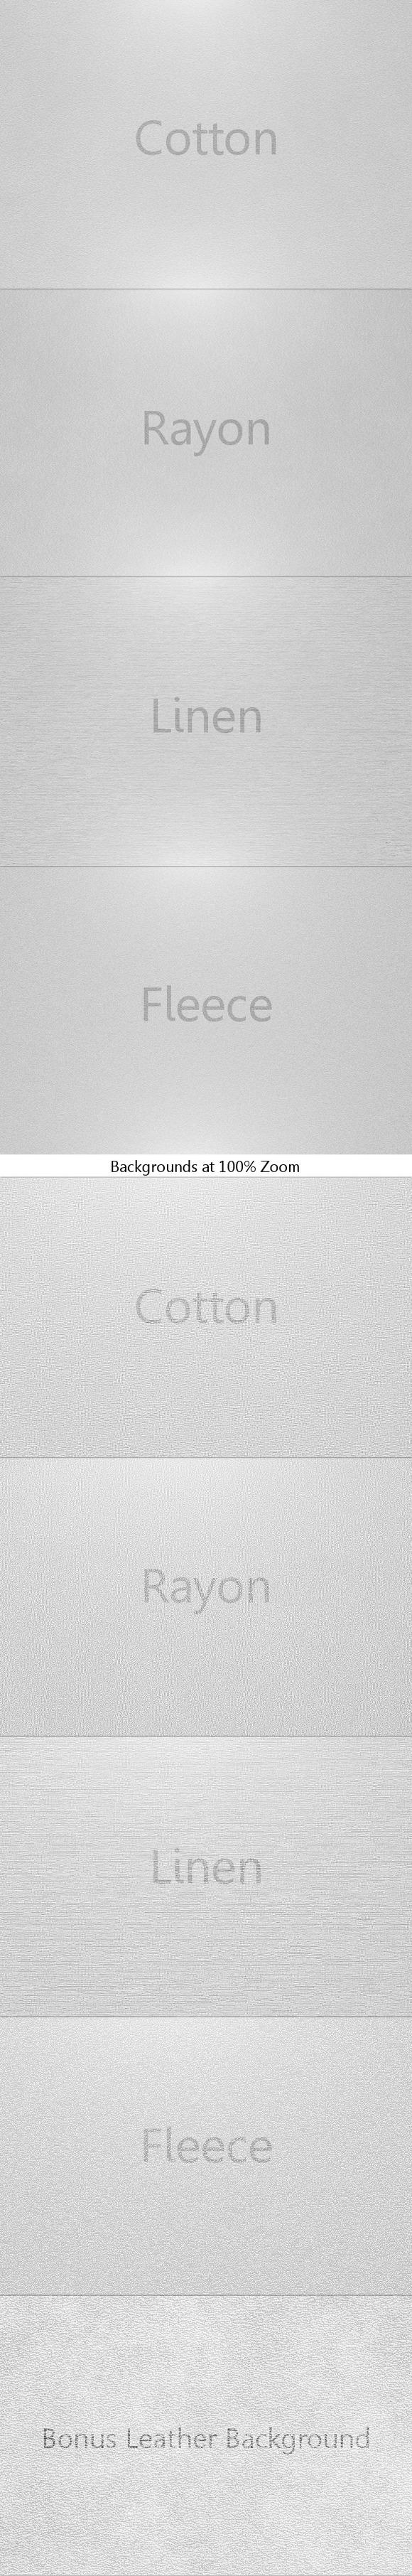 Elegant Fabric Backgrounds